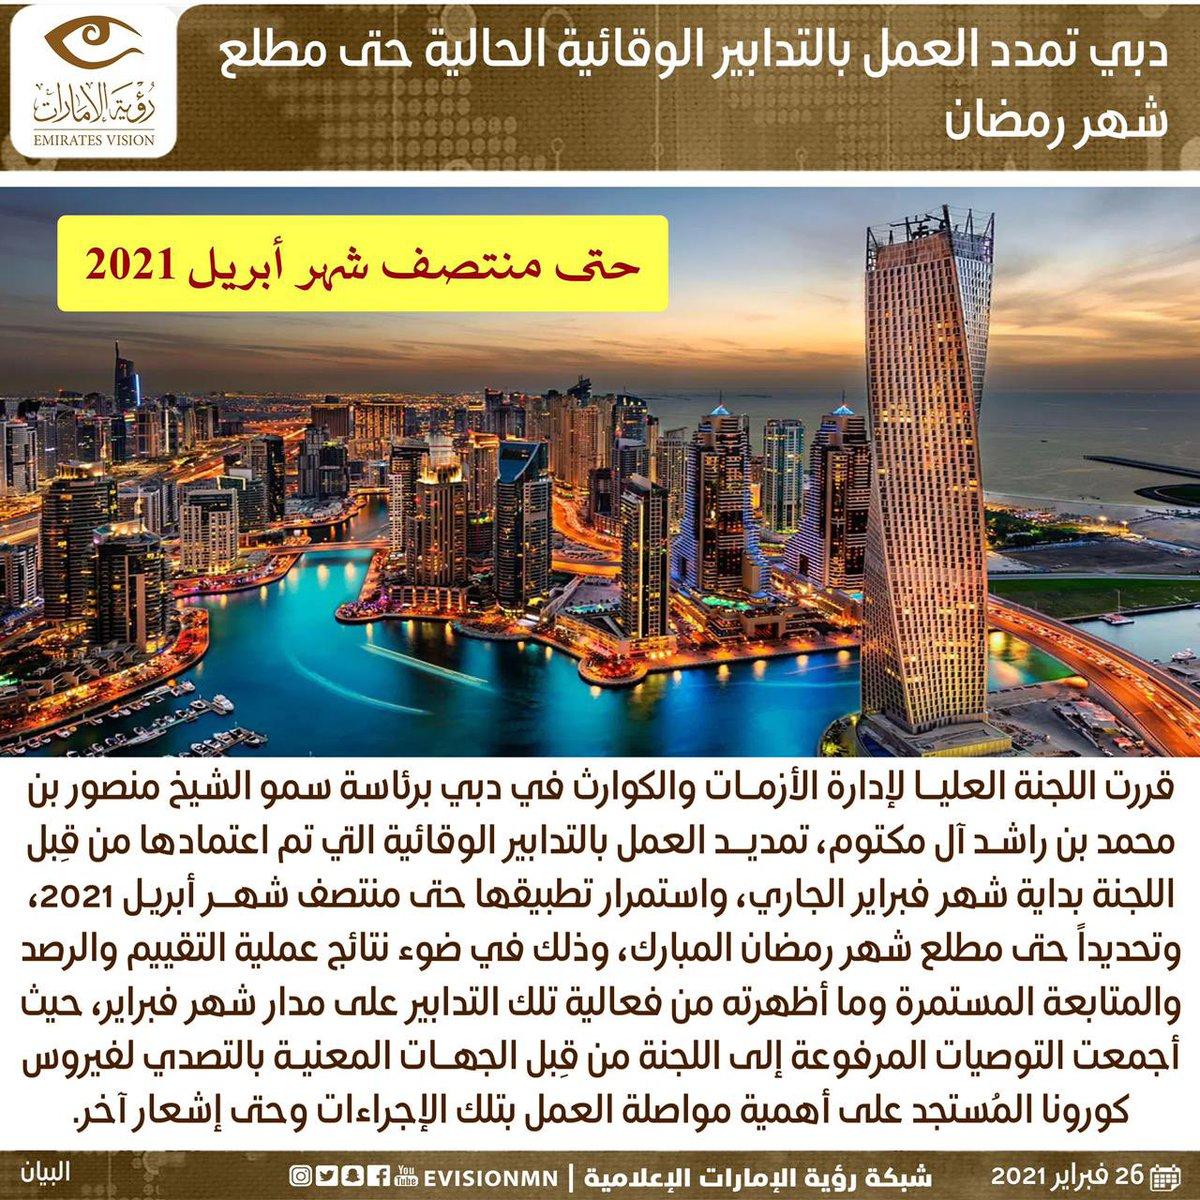 #دبي تمدد العمل بالتدابير الوقائية الحالية حتى مطلع #شهر_رمضان . #رؤية_الإمارات #عين_في_كل_مكان #كورونا #دبي #الإمارات #التدابير_الوقائية #dubai #uae